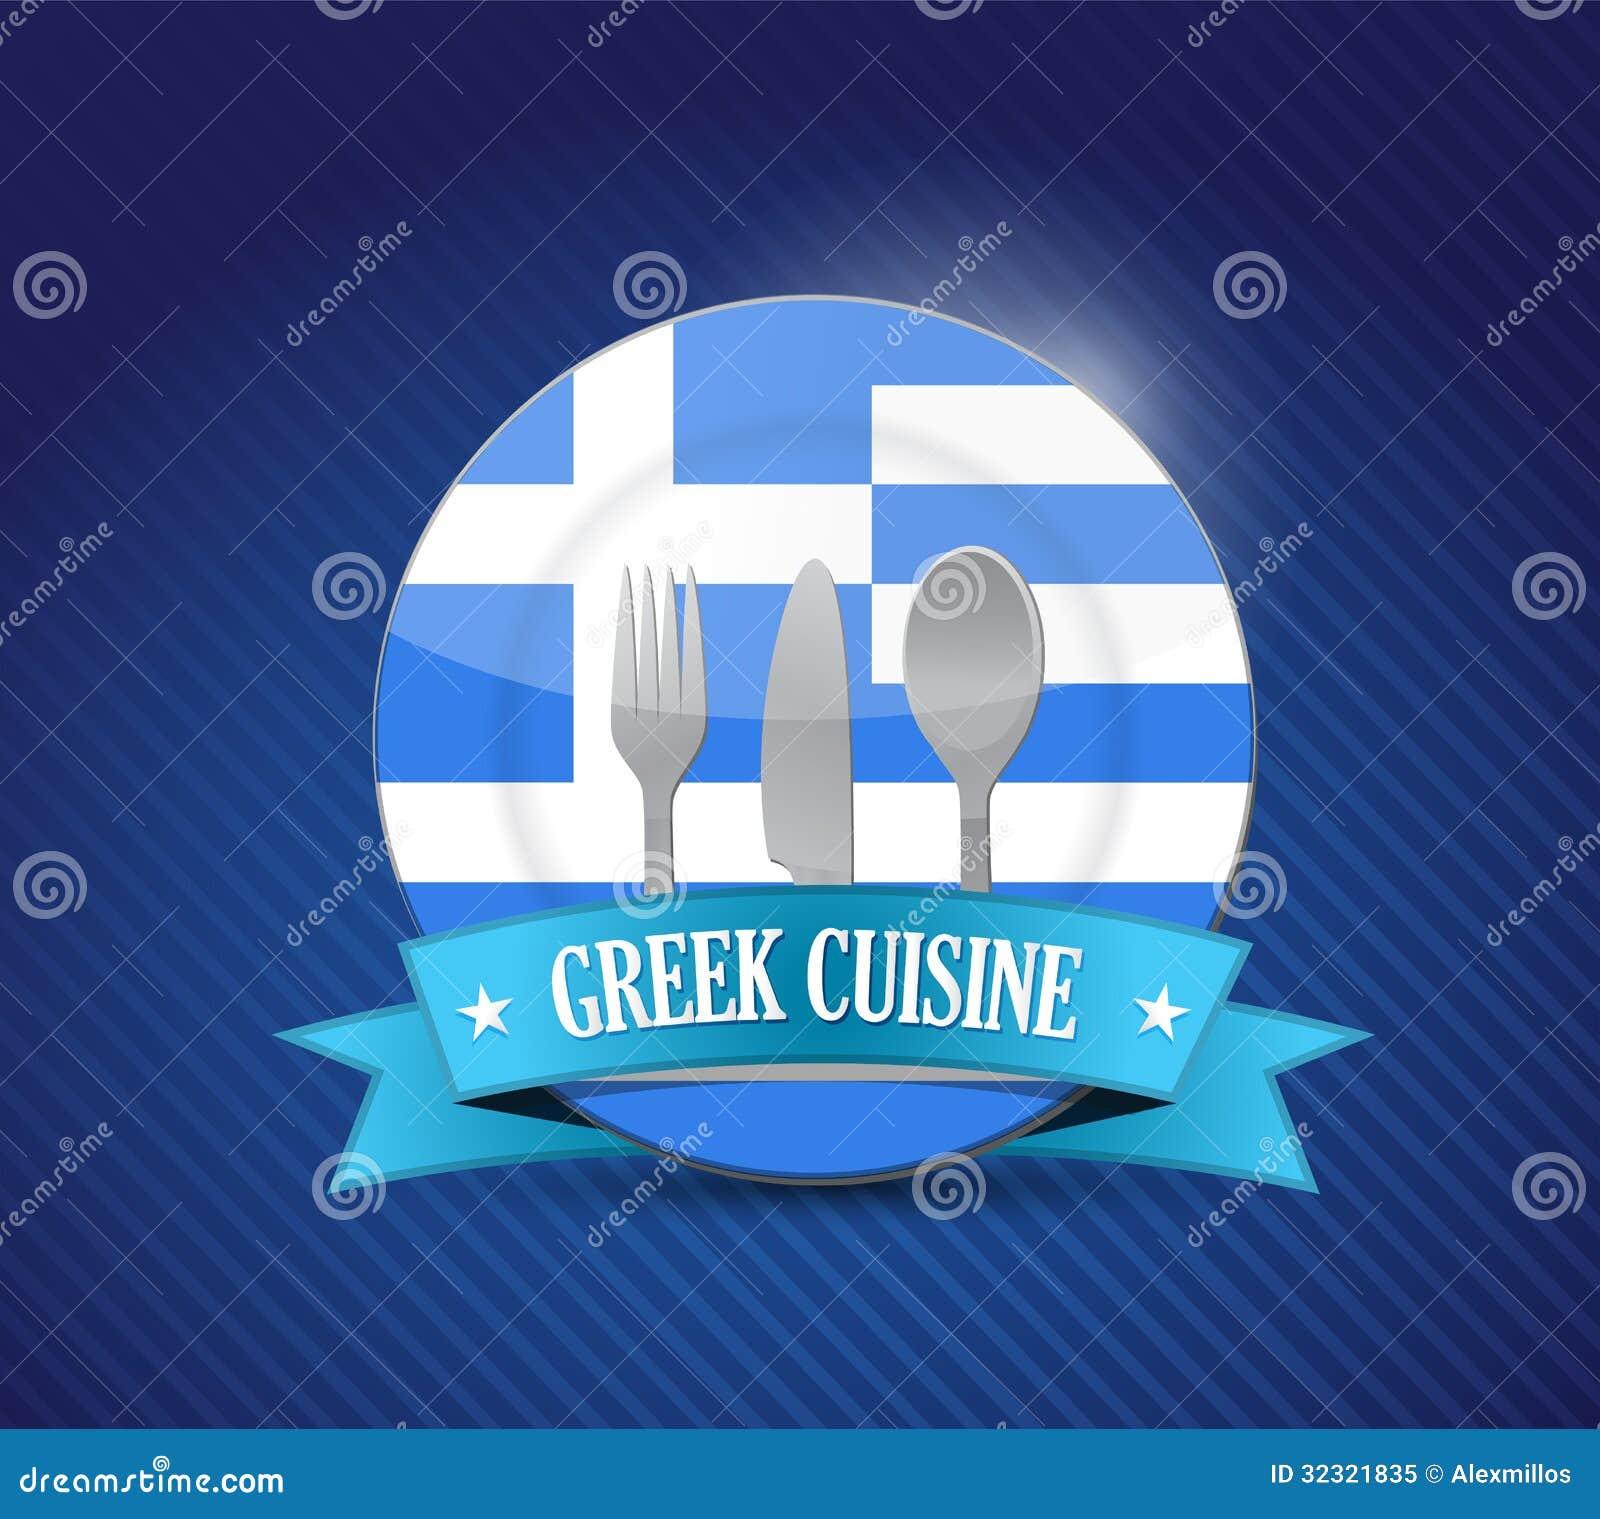 Greek food restaurant concept illustration design royalty